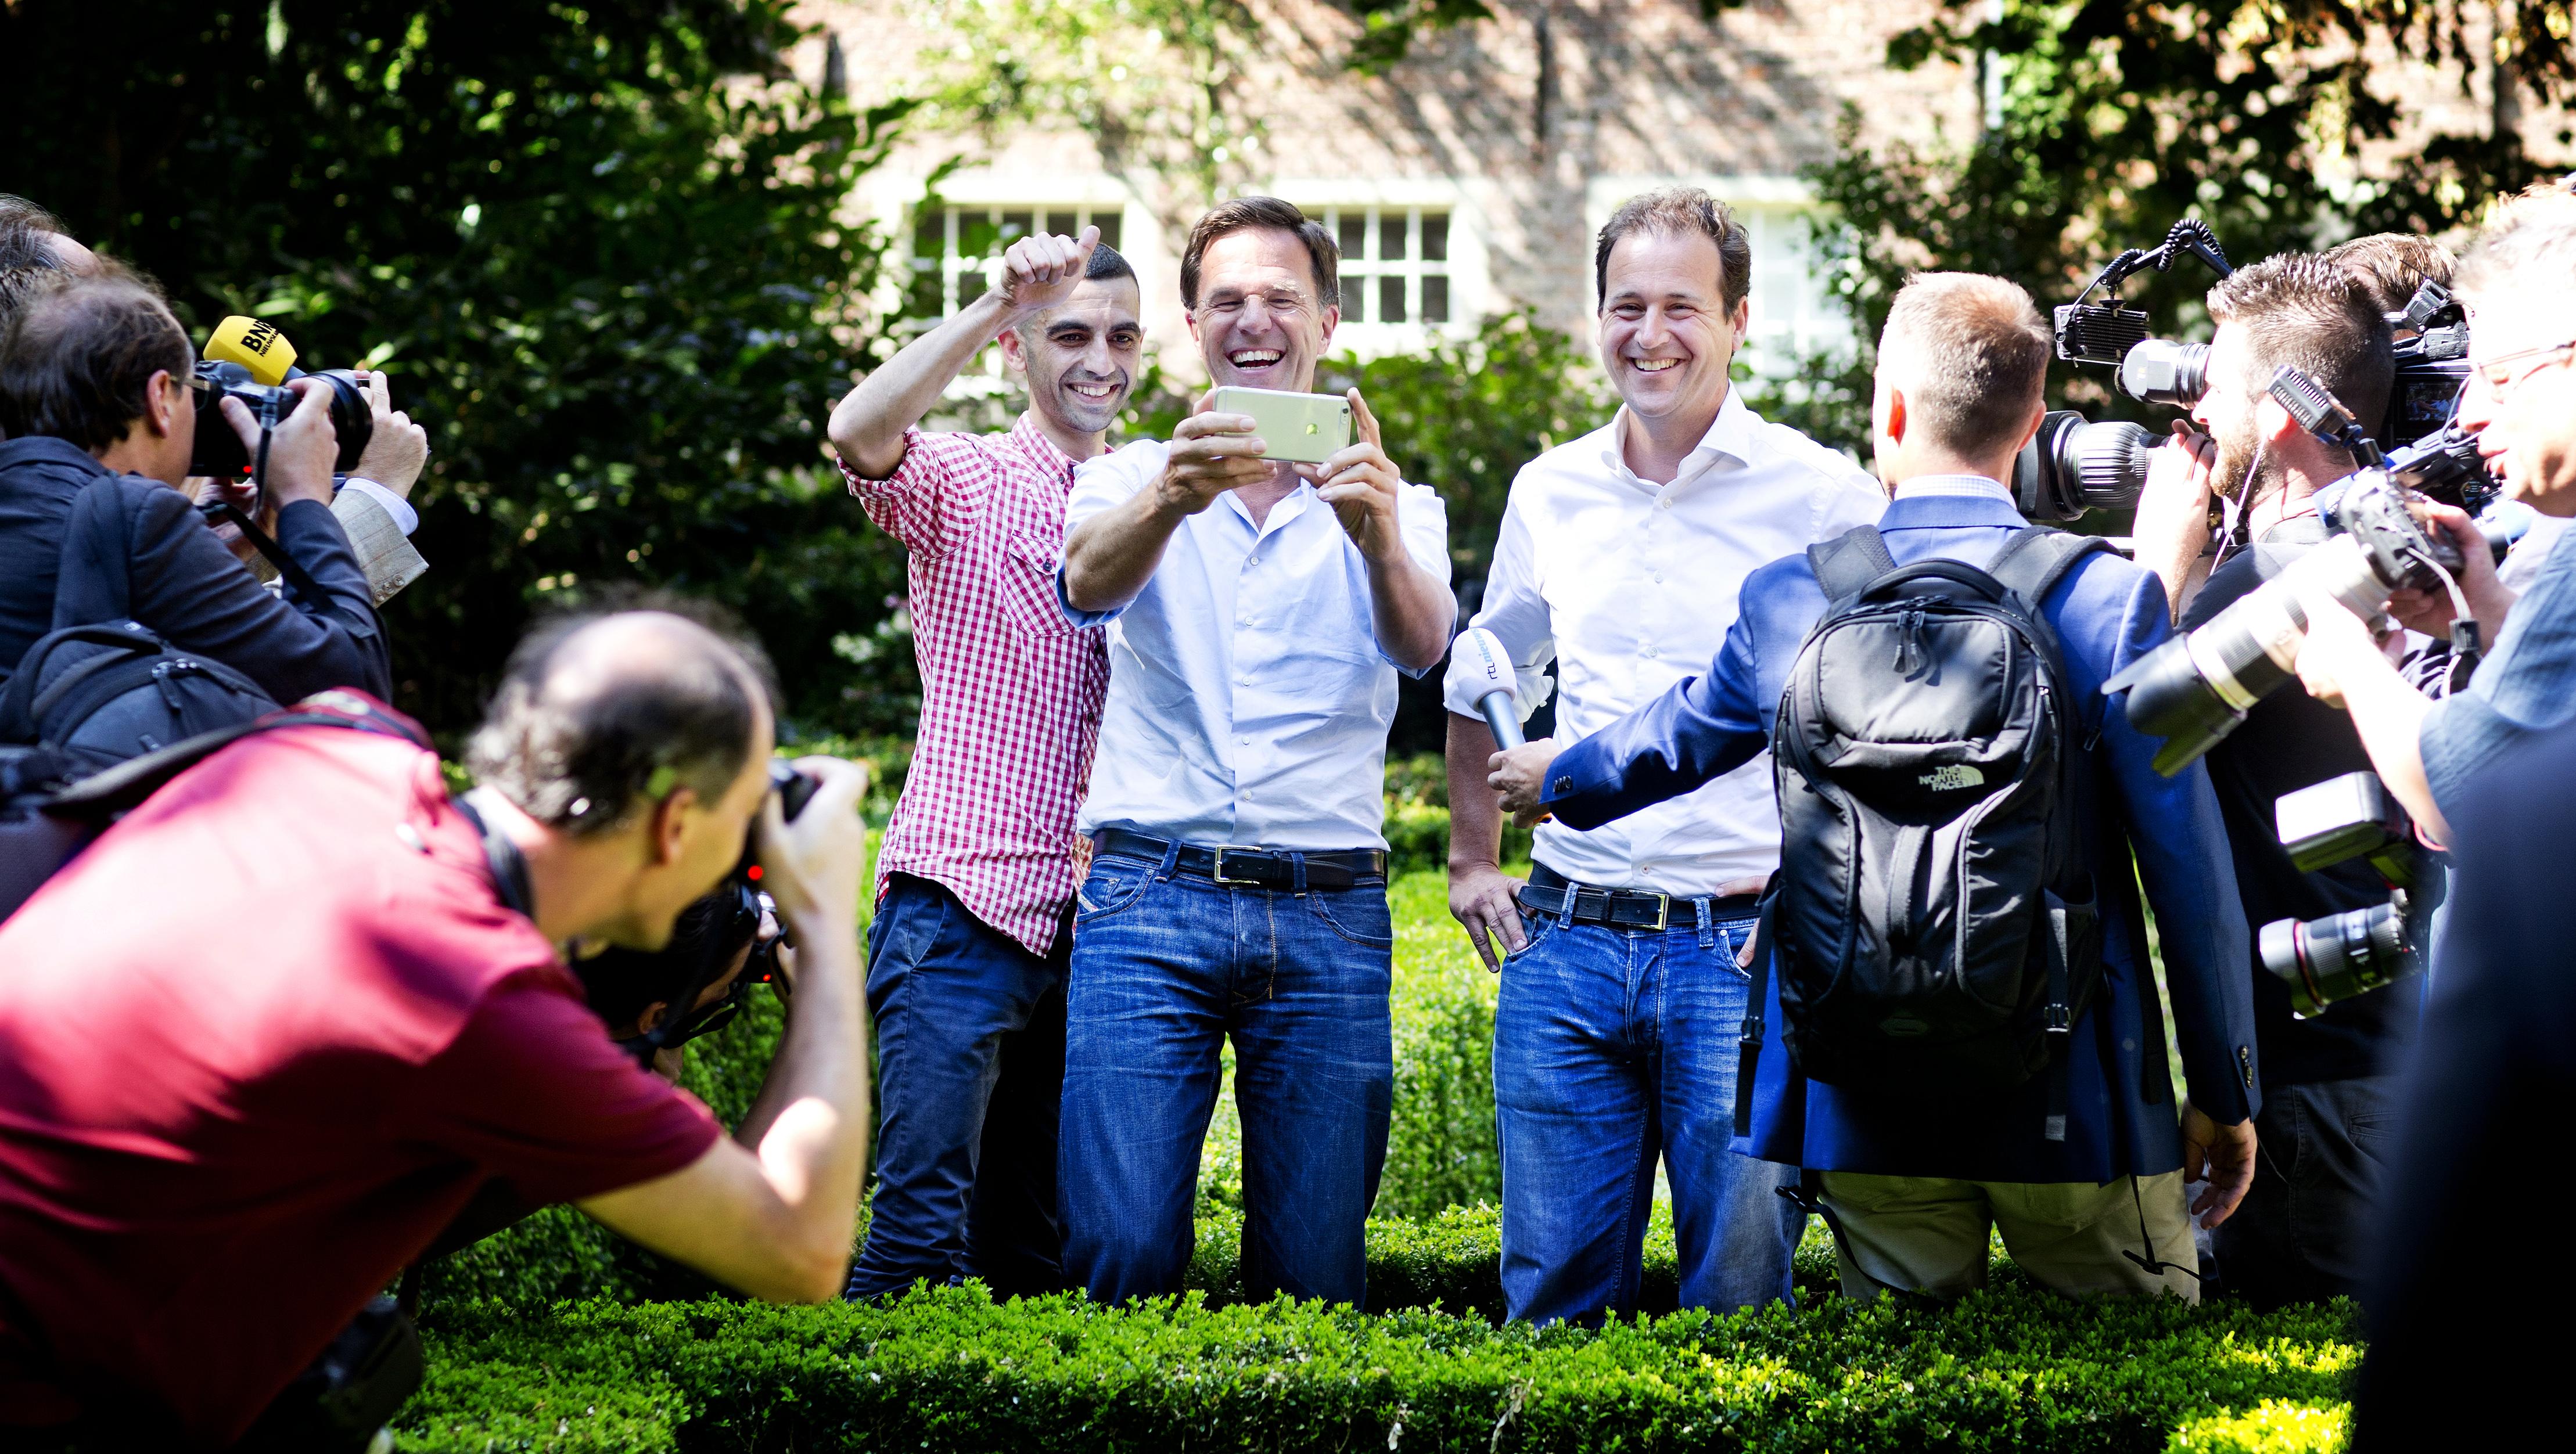 DELFT - Man (L) in de tuin van het prinsenhof maakt een praatje met Mark Rutte. Rutte vraagt: Wat ben je aan het doen. De man zegt: Oh lekker een jointje aan het roken. Vervolgens maken ze een selfie met de telefoon van de man. Casual Dagje Kabinet. Kabinet komt bijeen in het Lambert van Meerten Museum aan de Oude Delft en maakt een korte wandeling over de gracht de Oude Delft en door de binnentuin van het prinsenhof waarna de vergadering wordt voortgezet. - FOTO GUUS SCHOONEWILLE